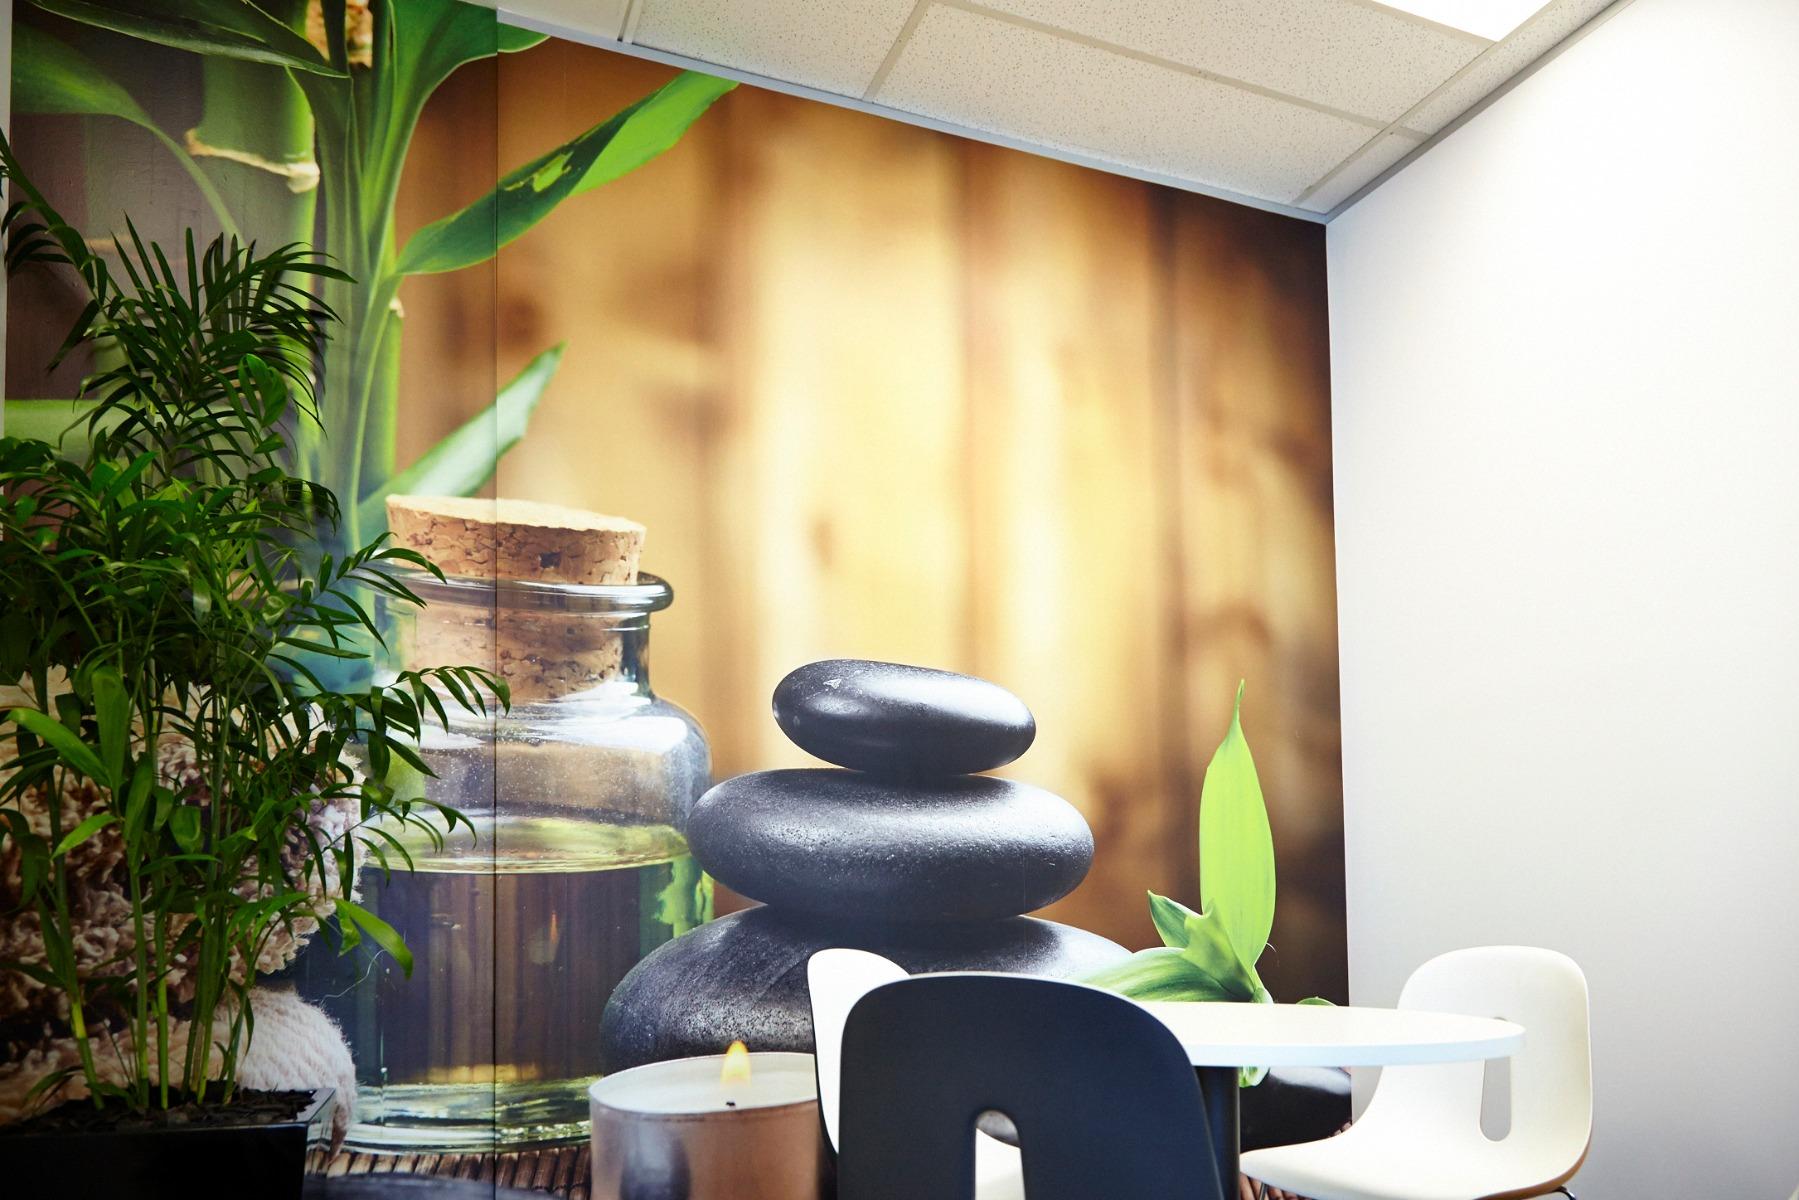 Custom Printed Wallpaper in Meeting Room